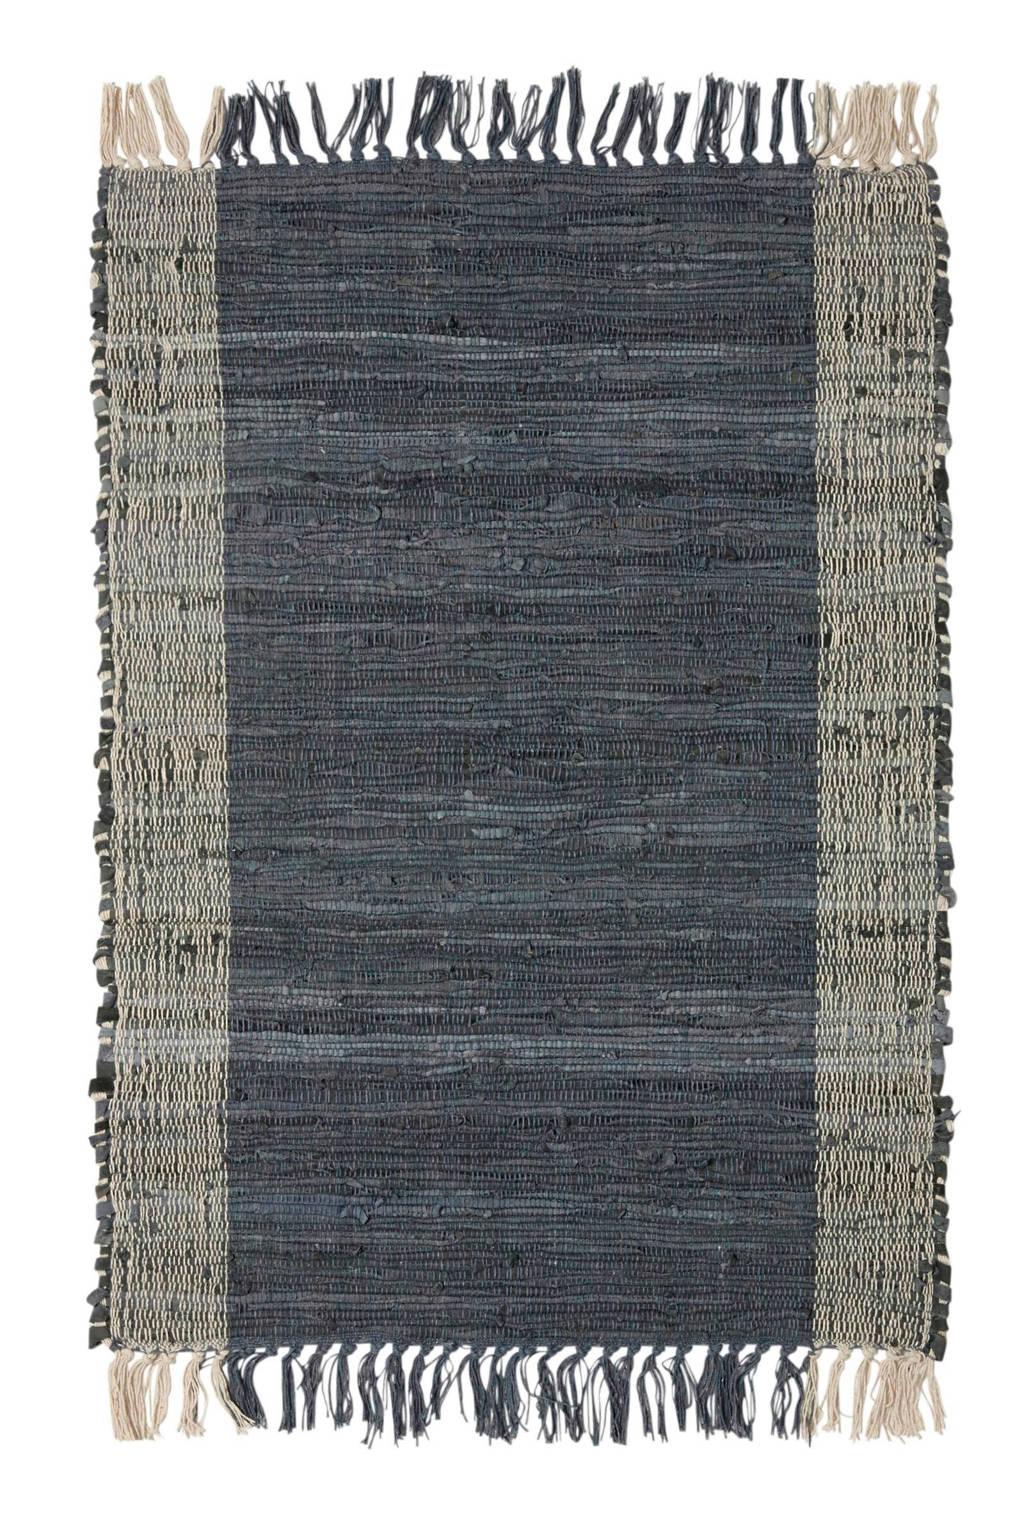 House Doctor vloerkleed  (60x90 cm), Grijs/naturel